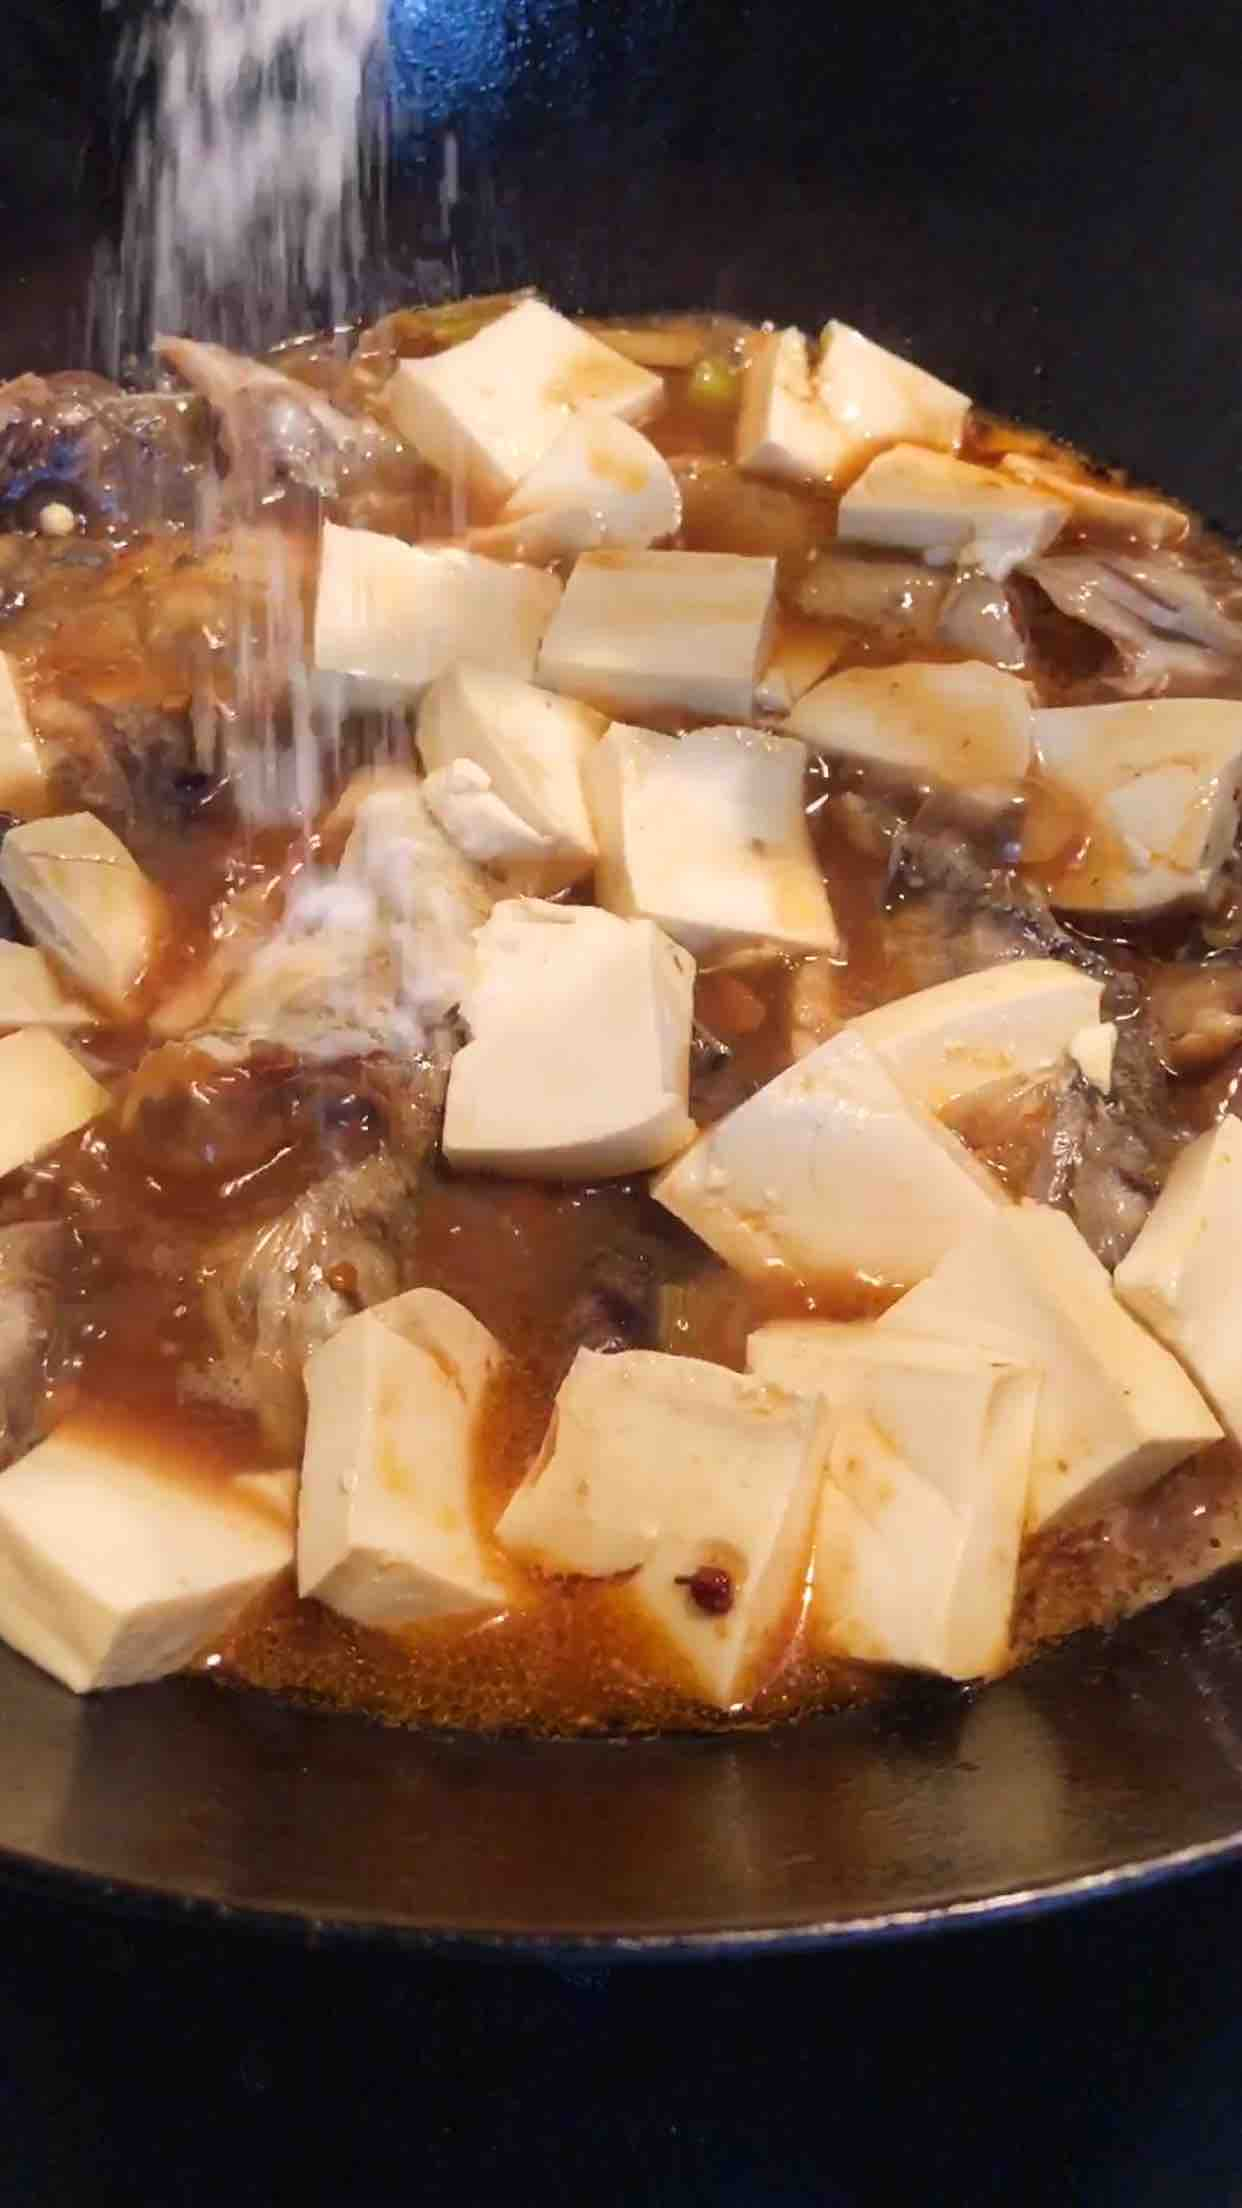 海鱼炖豆腐怎么炖